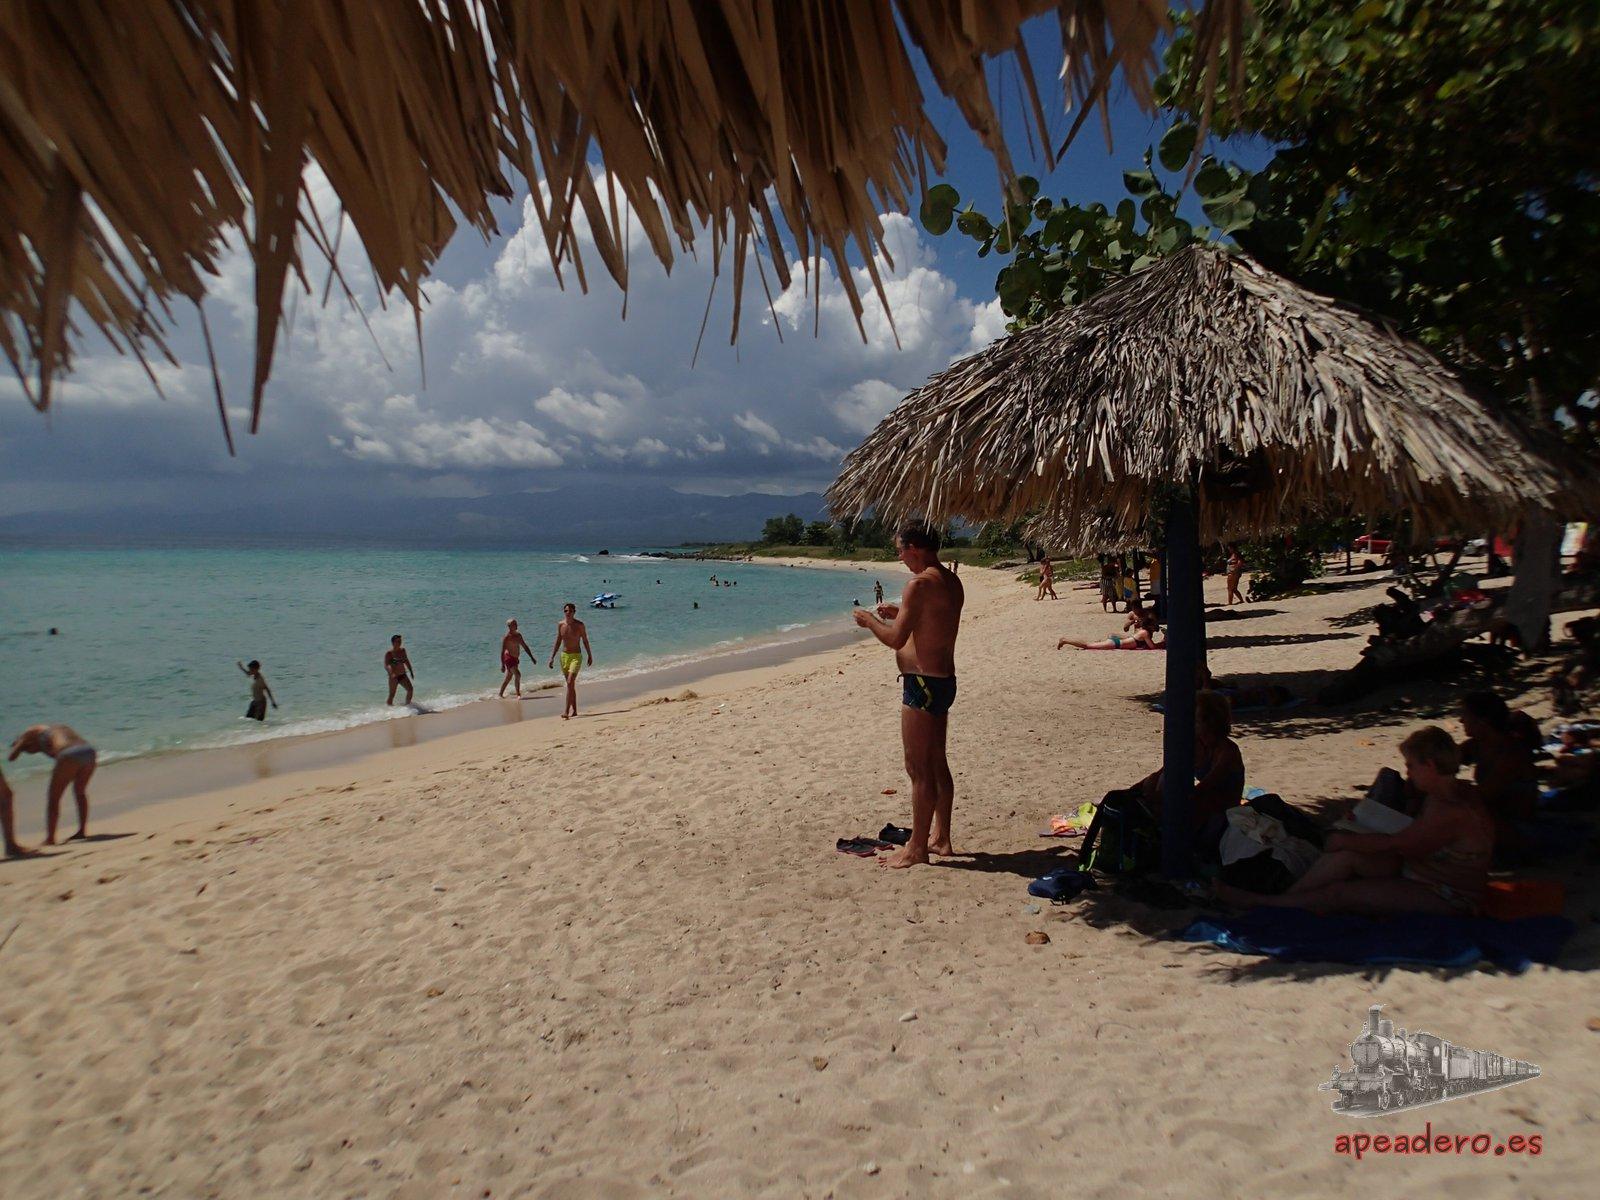 En Playa Ancon estuvimos muy, muy a gusto.